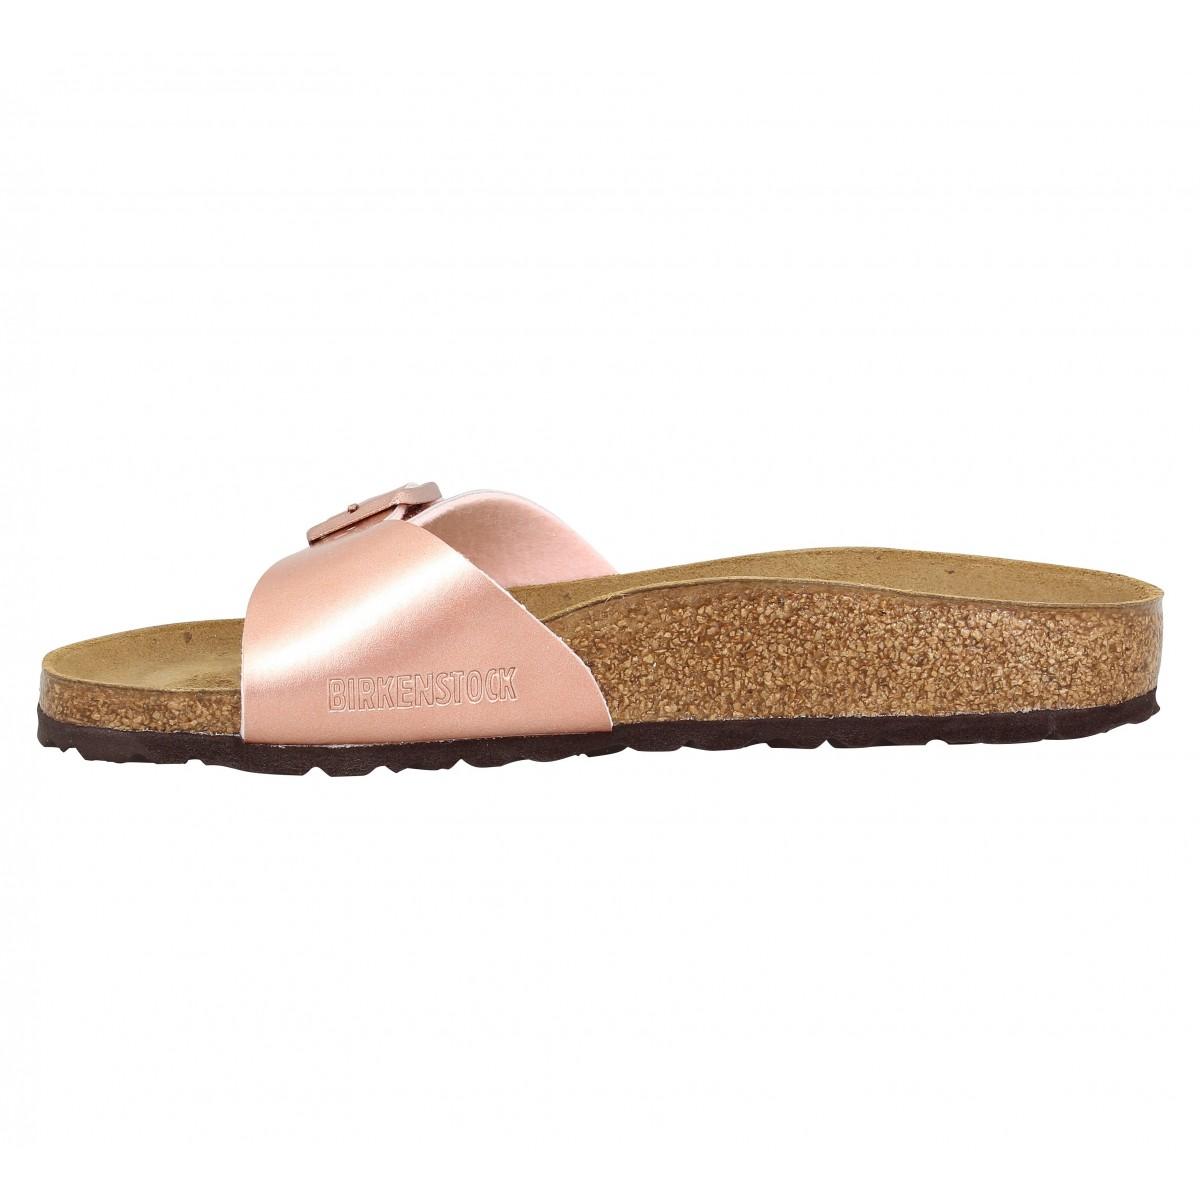 d08969e33629 Chaussures Birkenstock madrid birko flor soft met femme rose gold ...